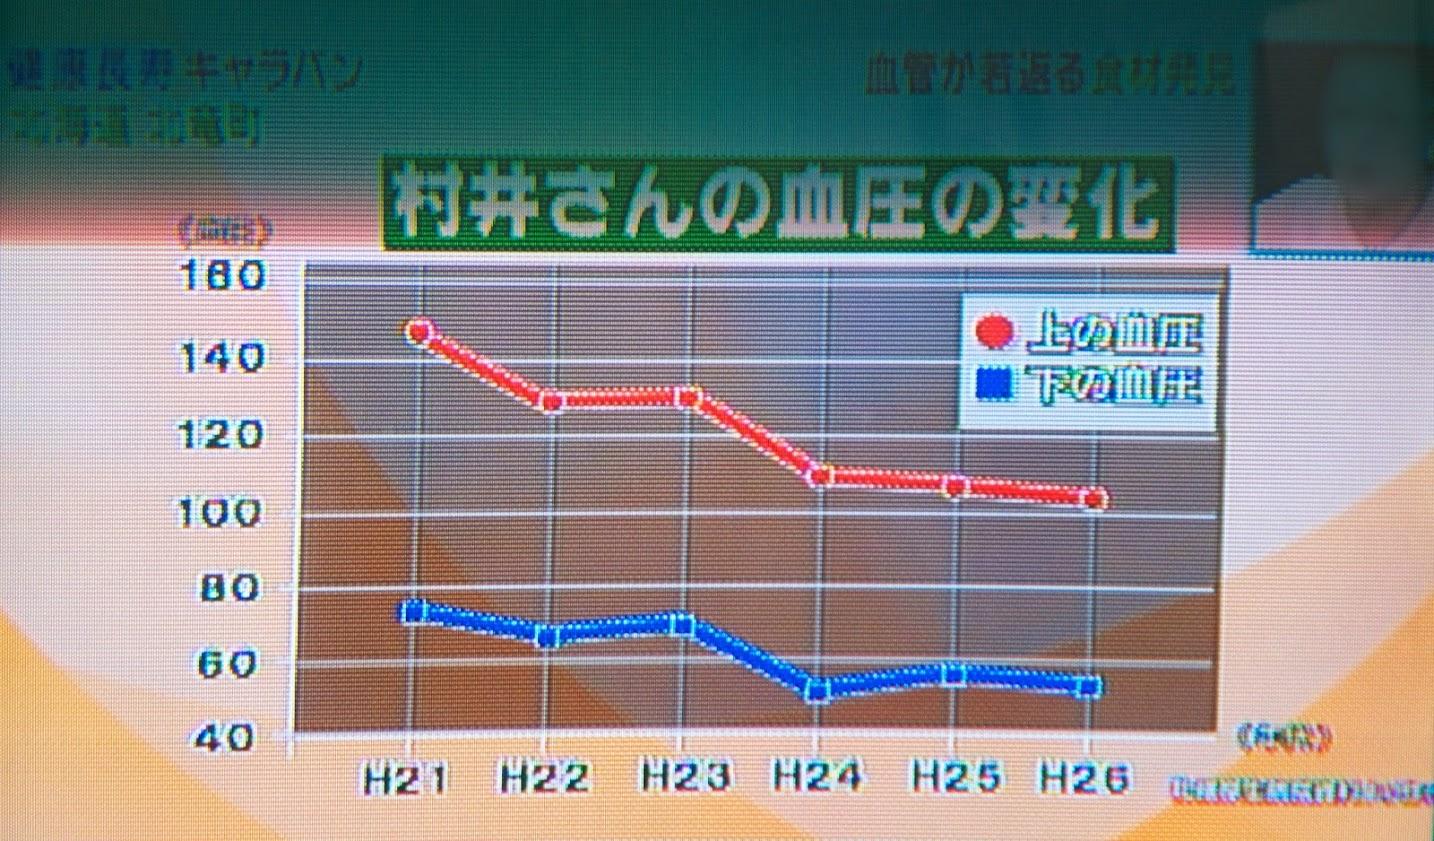 村井さんの血圧の変化